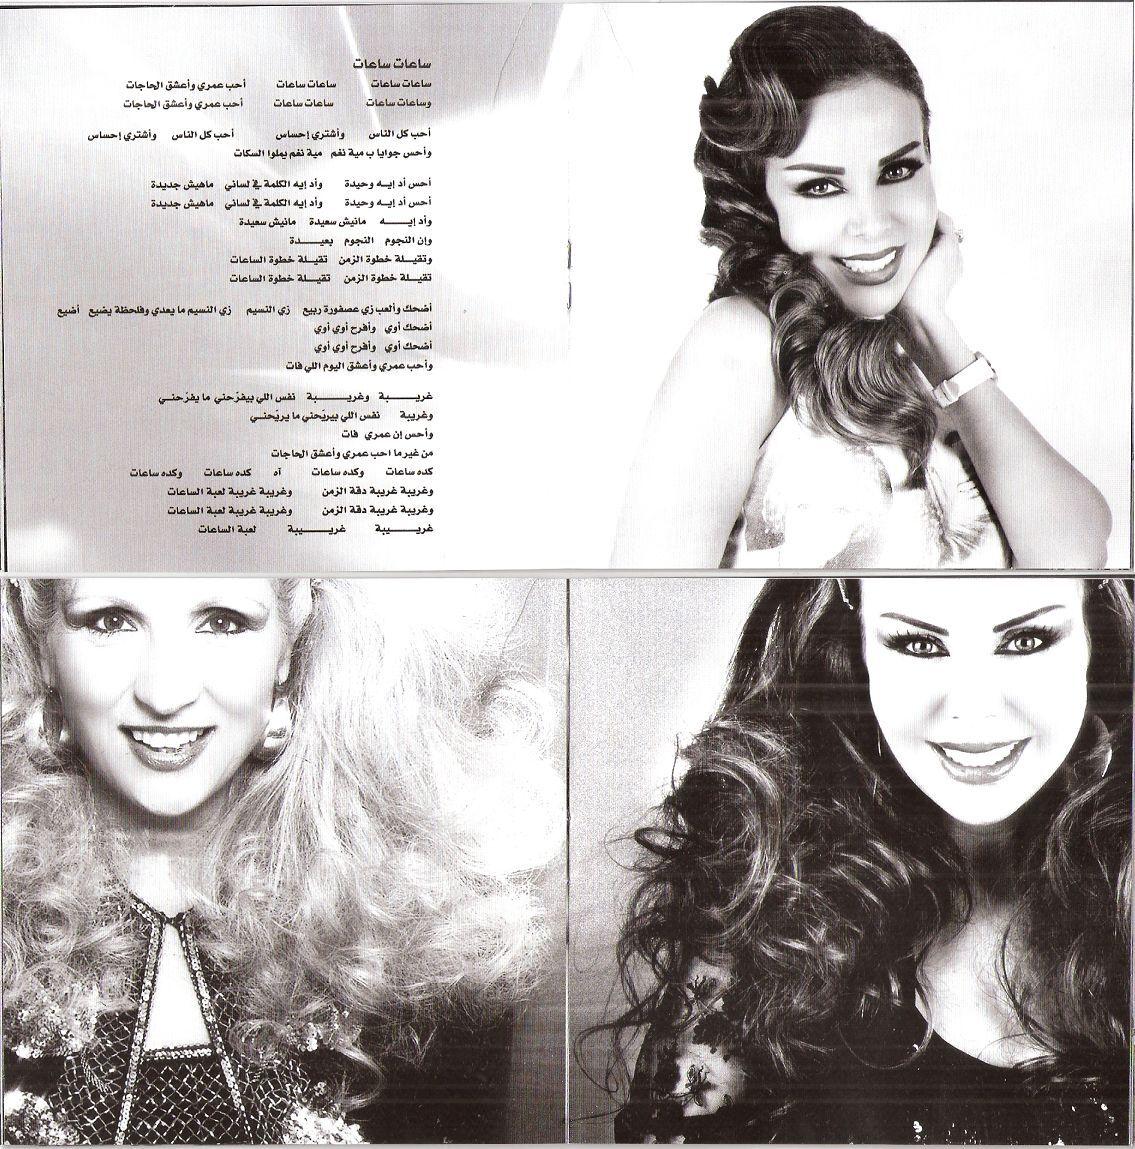 Fairouz Songs within ya dala3, zay el 3asal, 3al nada, sa3at, sabah /rola 2 hours